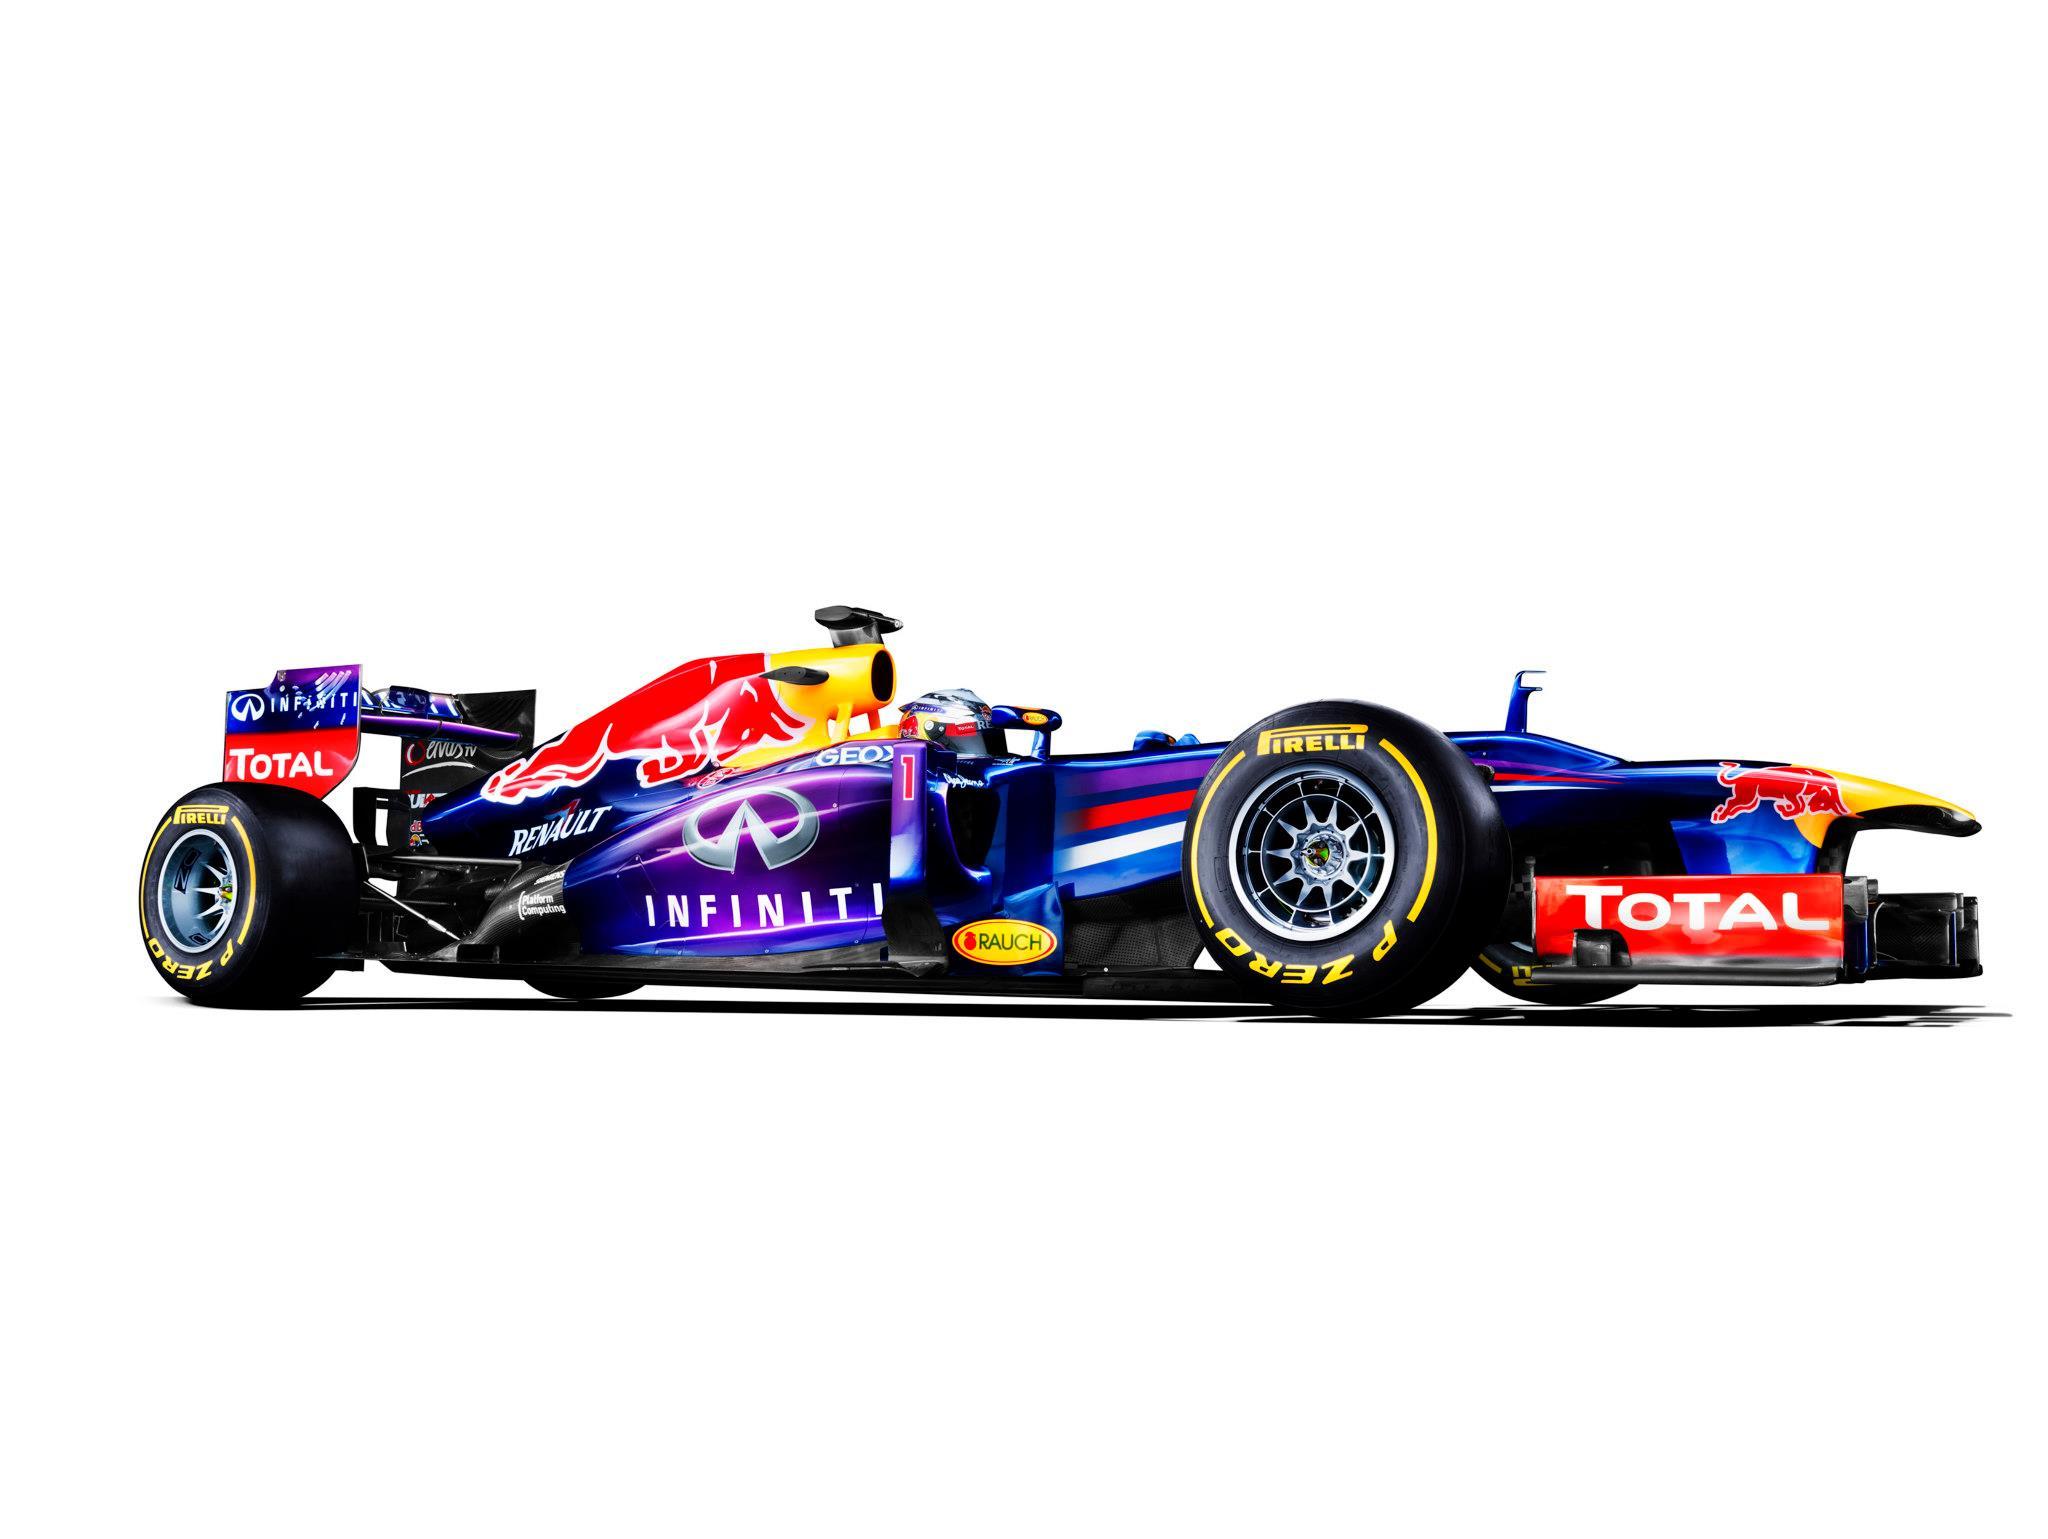 O Carro que ganhou o 4ºtítulo mundial de Formula 1 em 2013